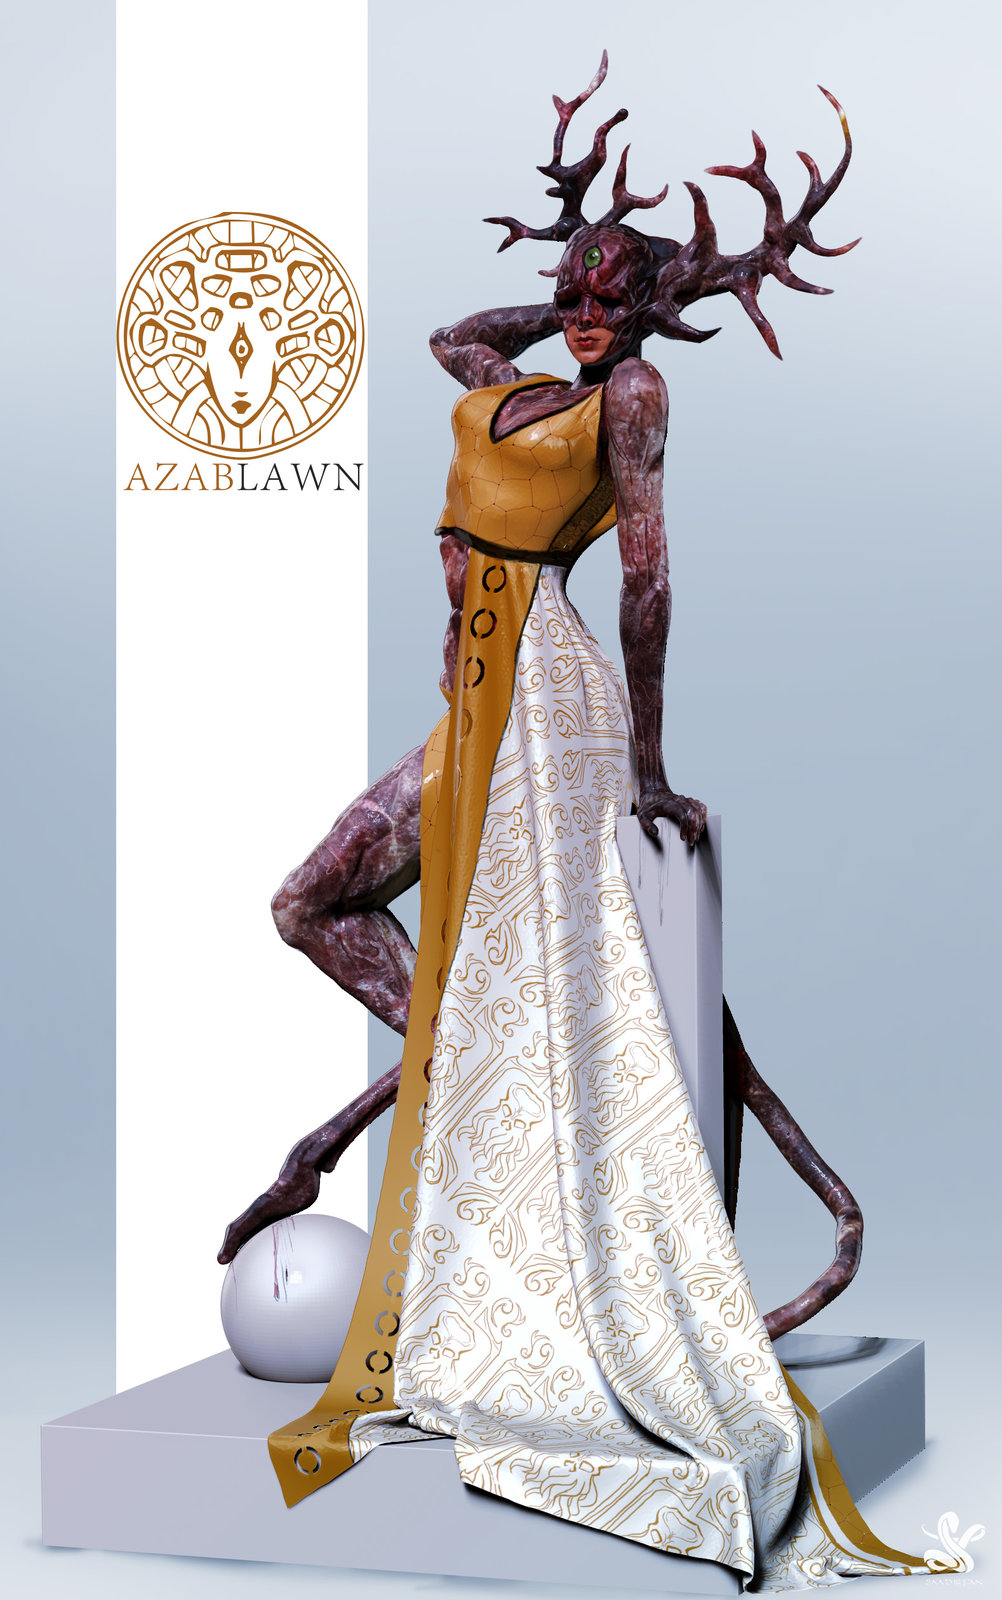 Azab lawn